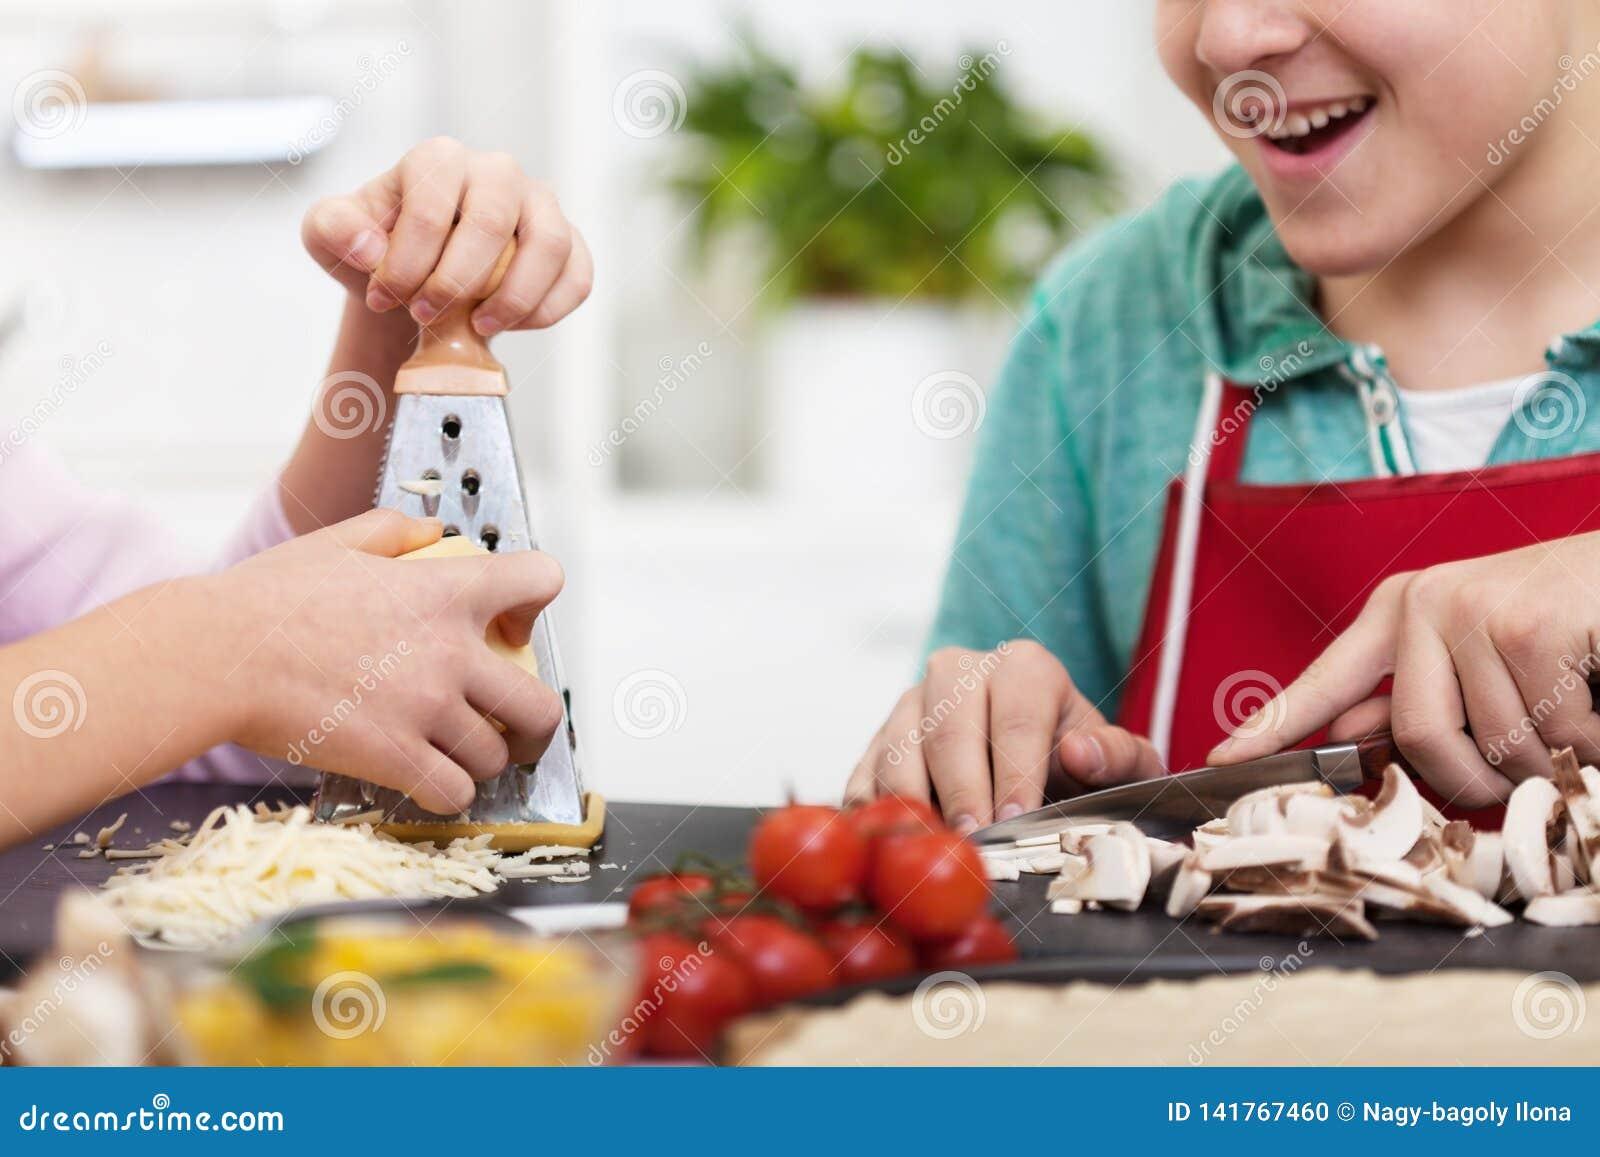 Junge Jugendlichhände bereiten eine Pizza in der Küche zu -, die oben nah ist